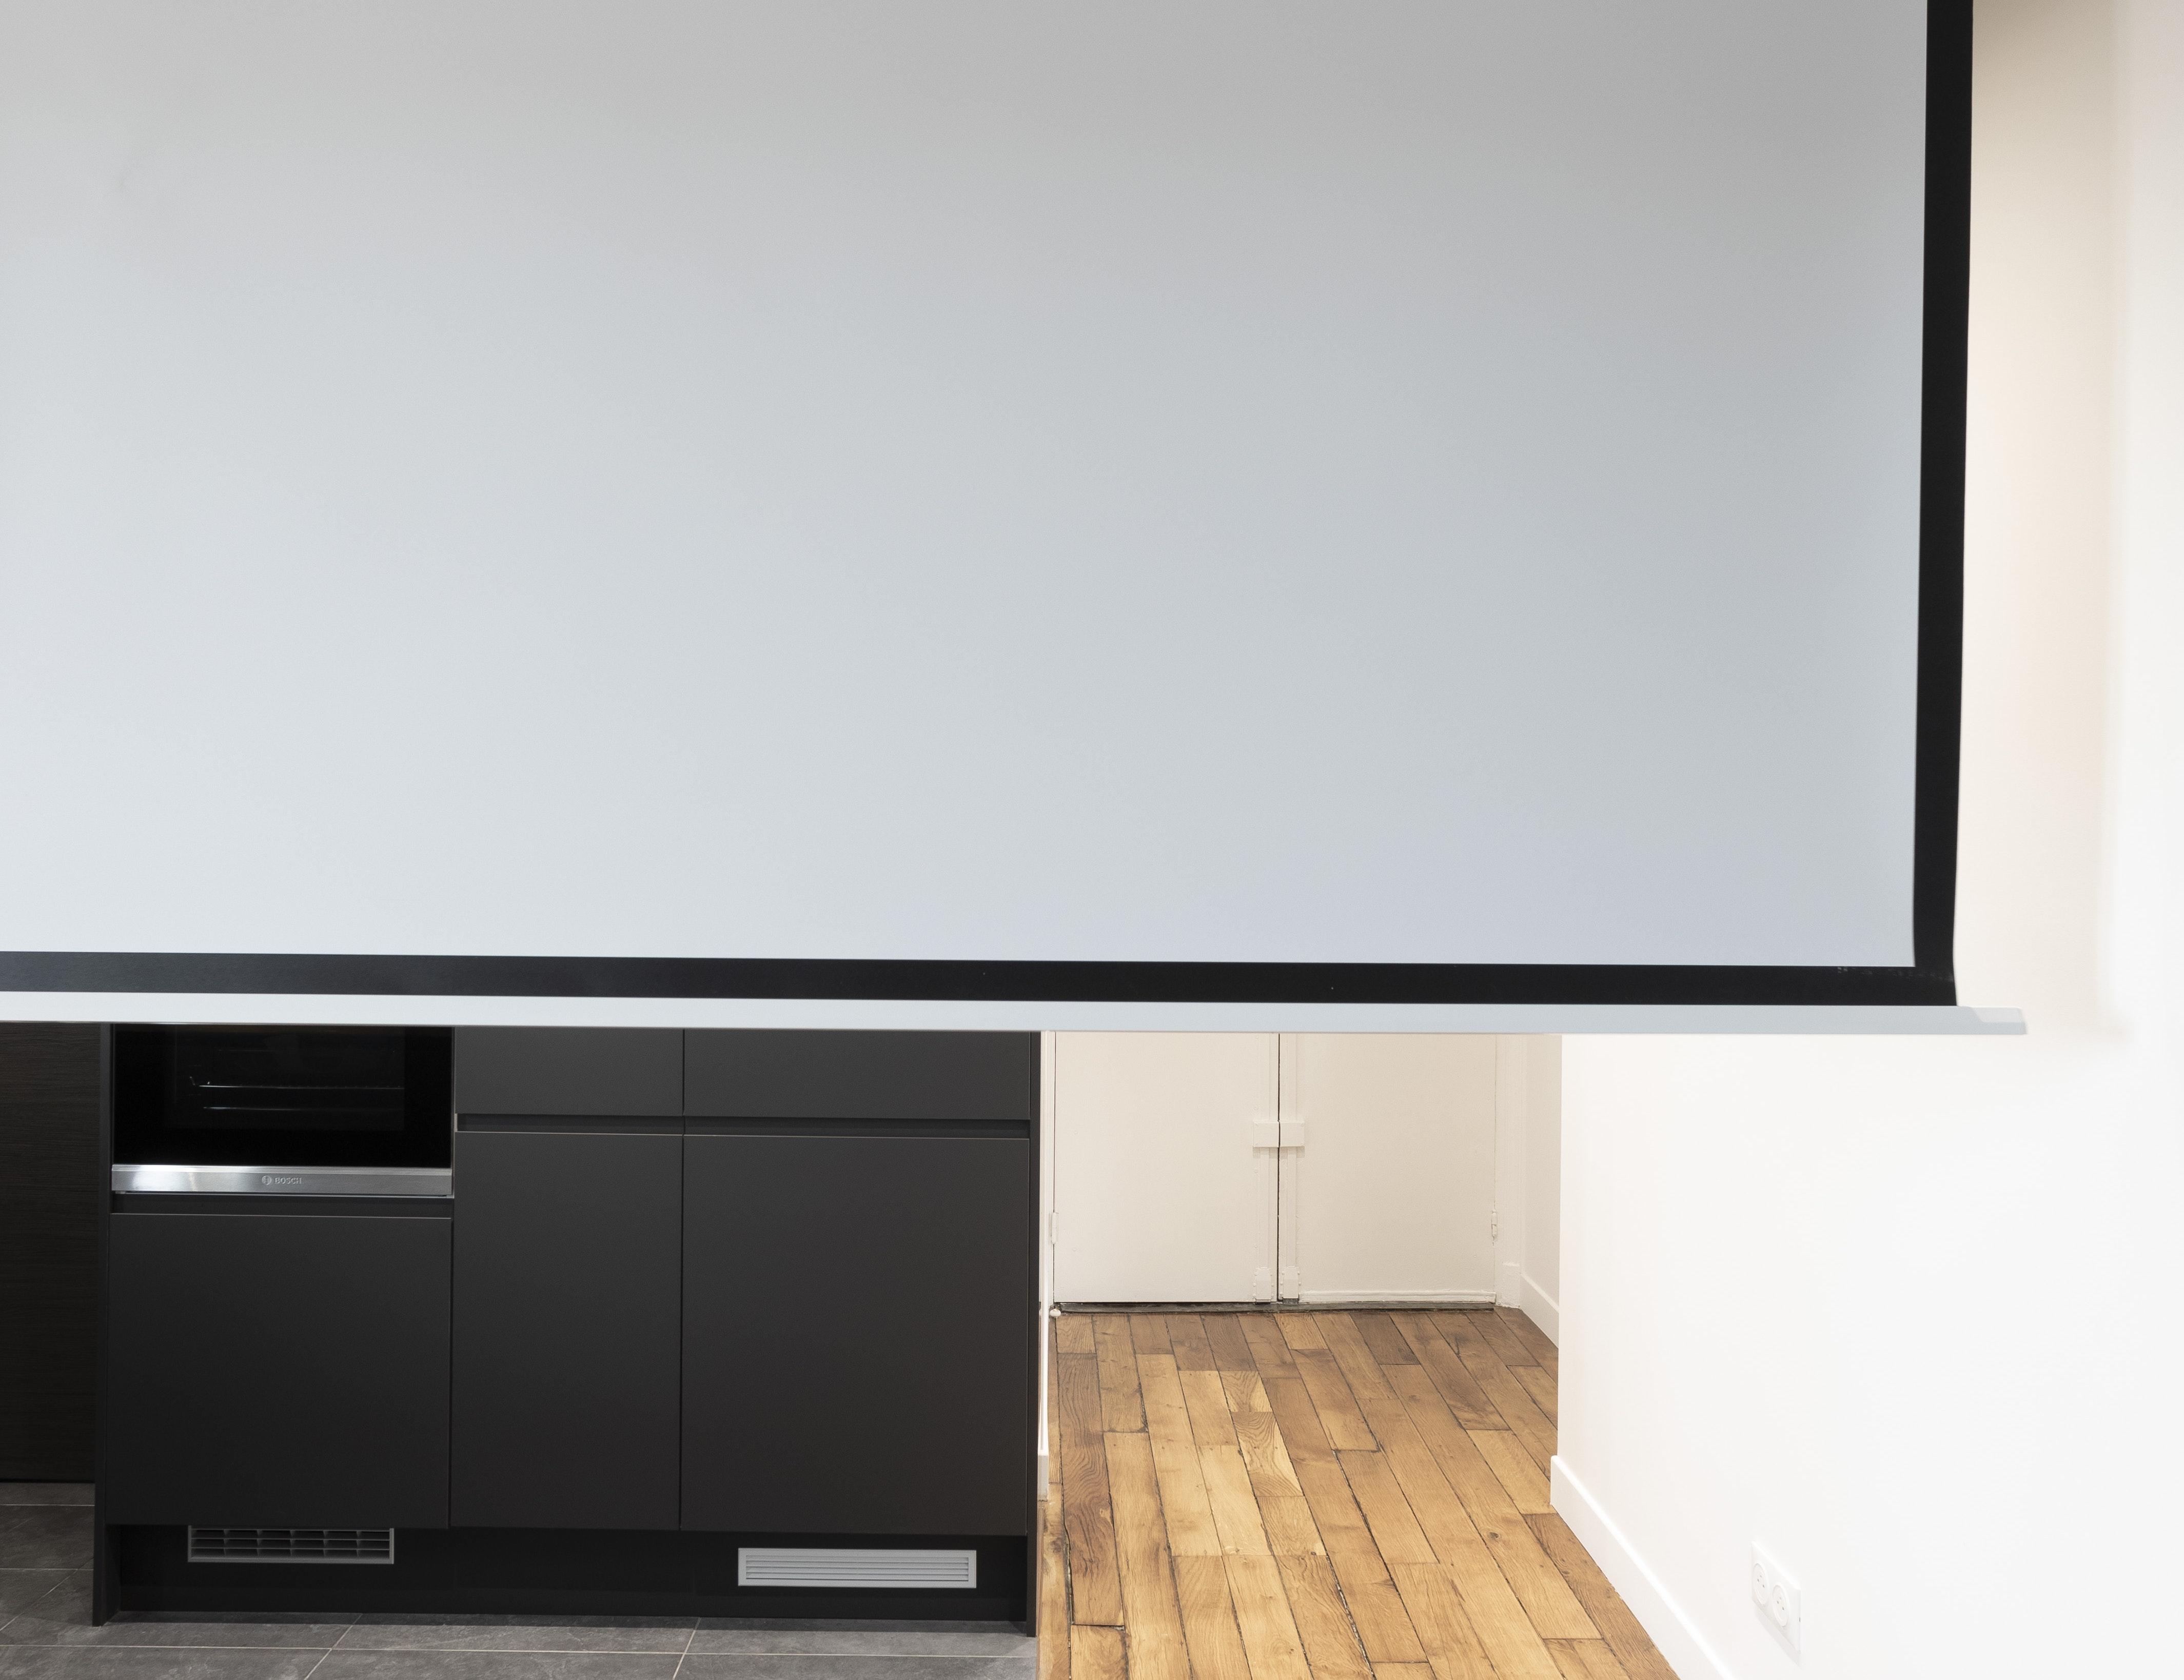 photo Rénovation complète d'un appartement de 55 m² Adipah